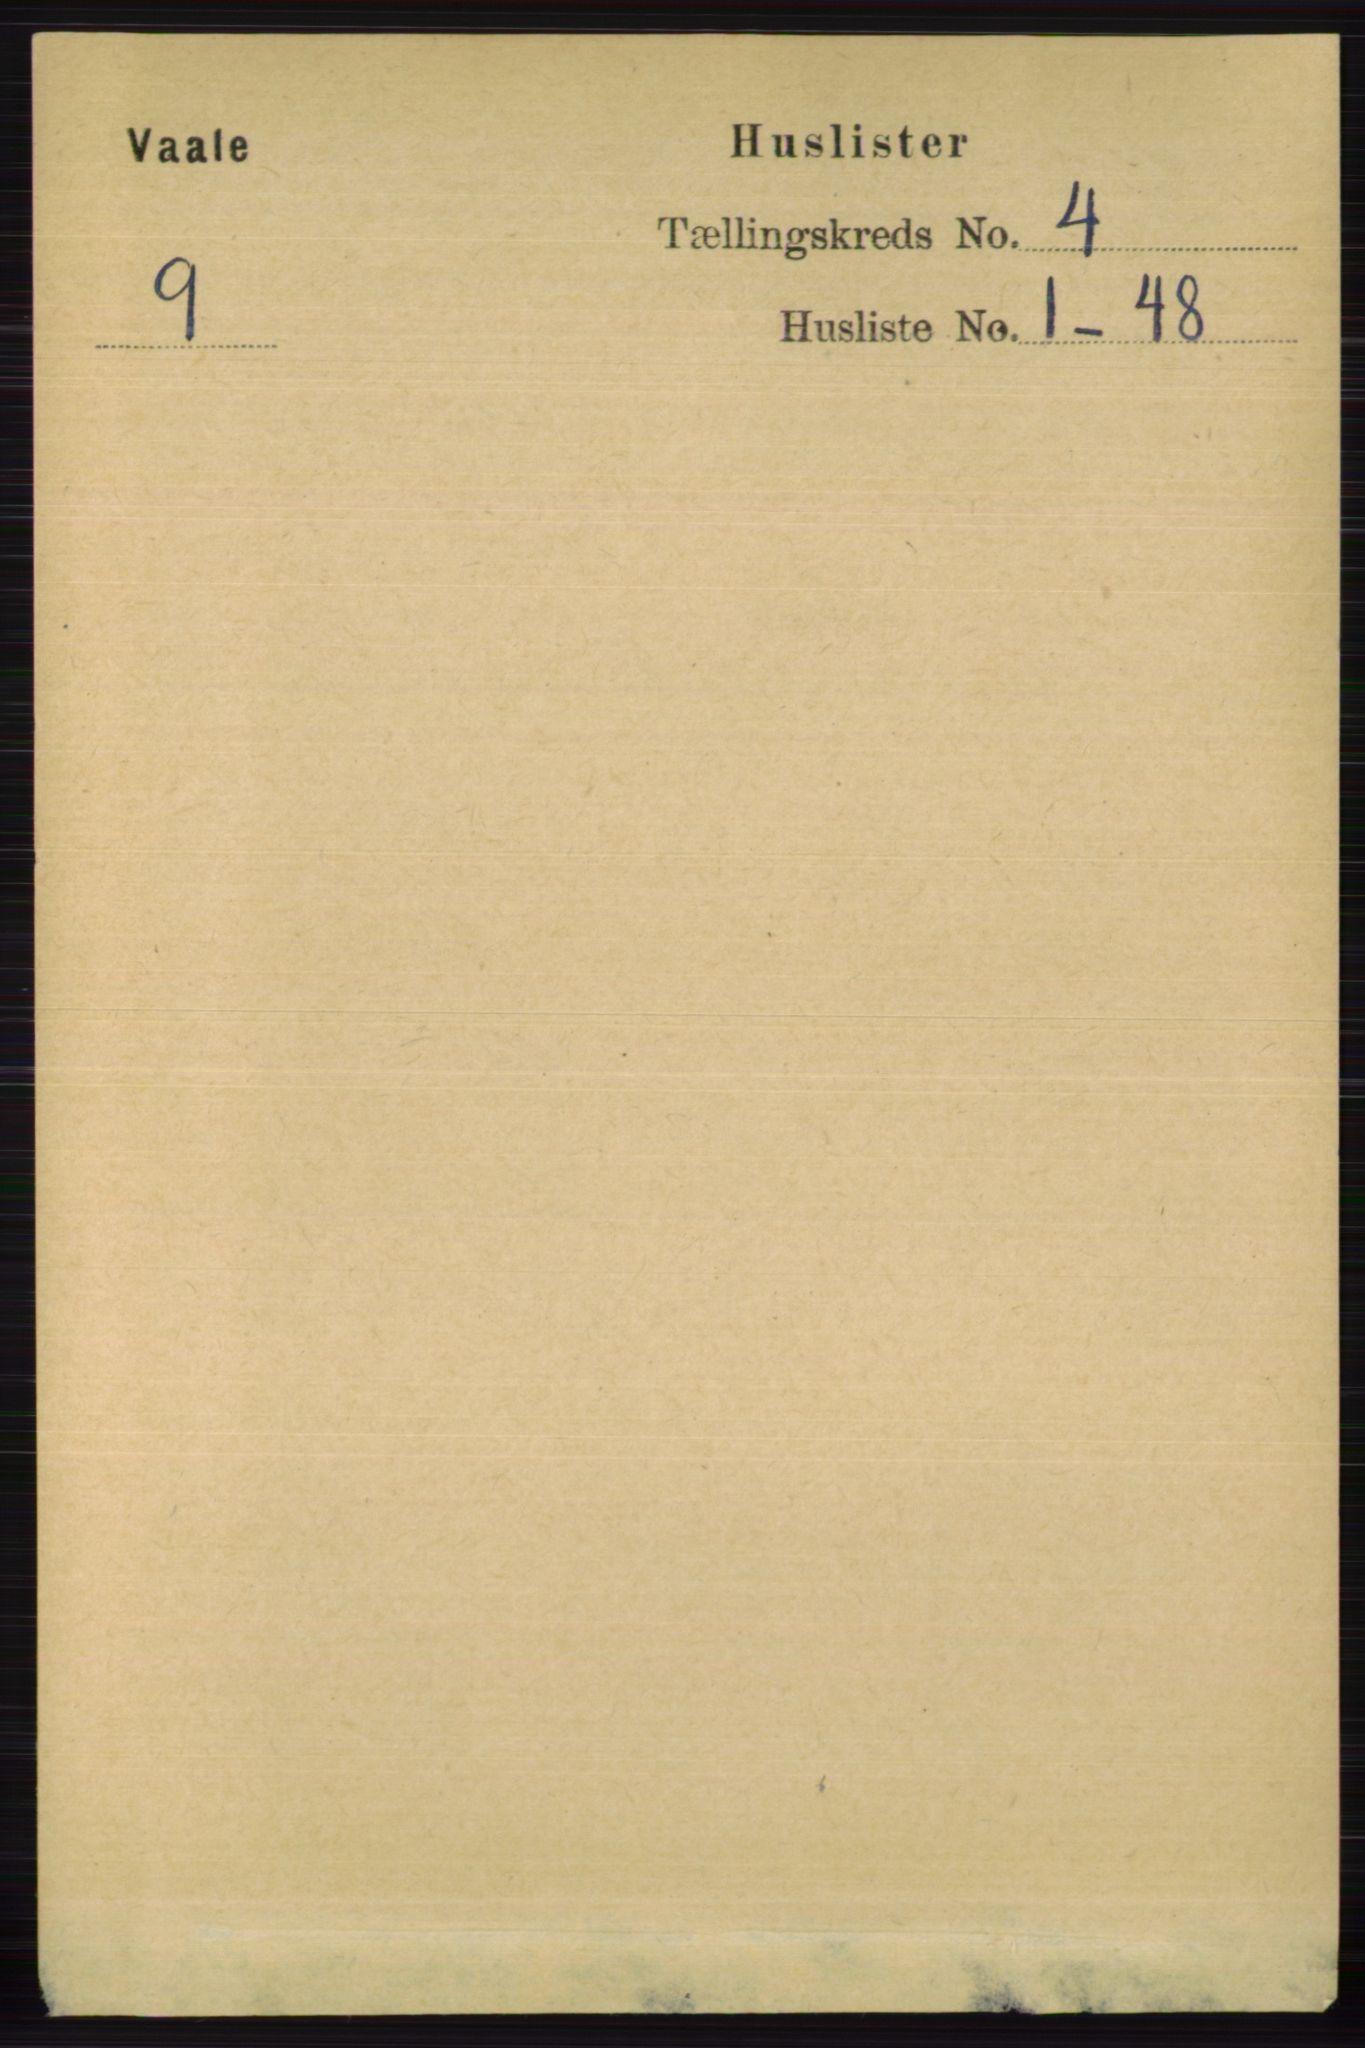 RA, Folketelling 1891 for 0716 Våle herred, 1891, s. 934